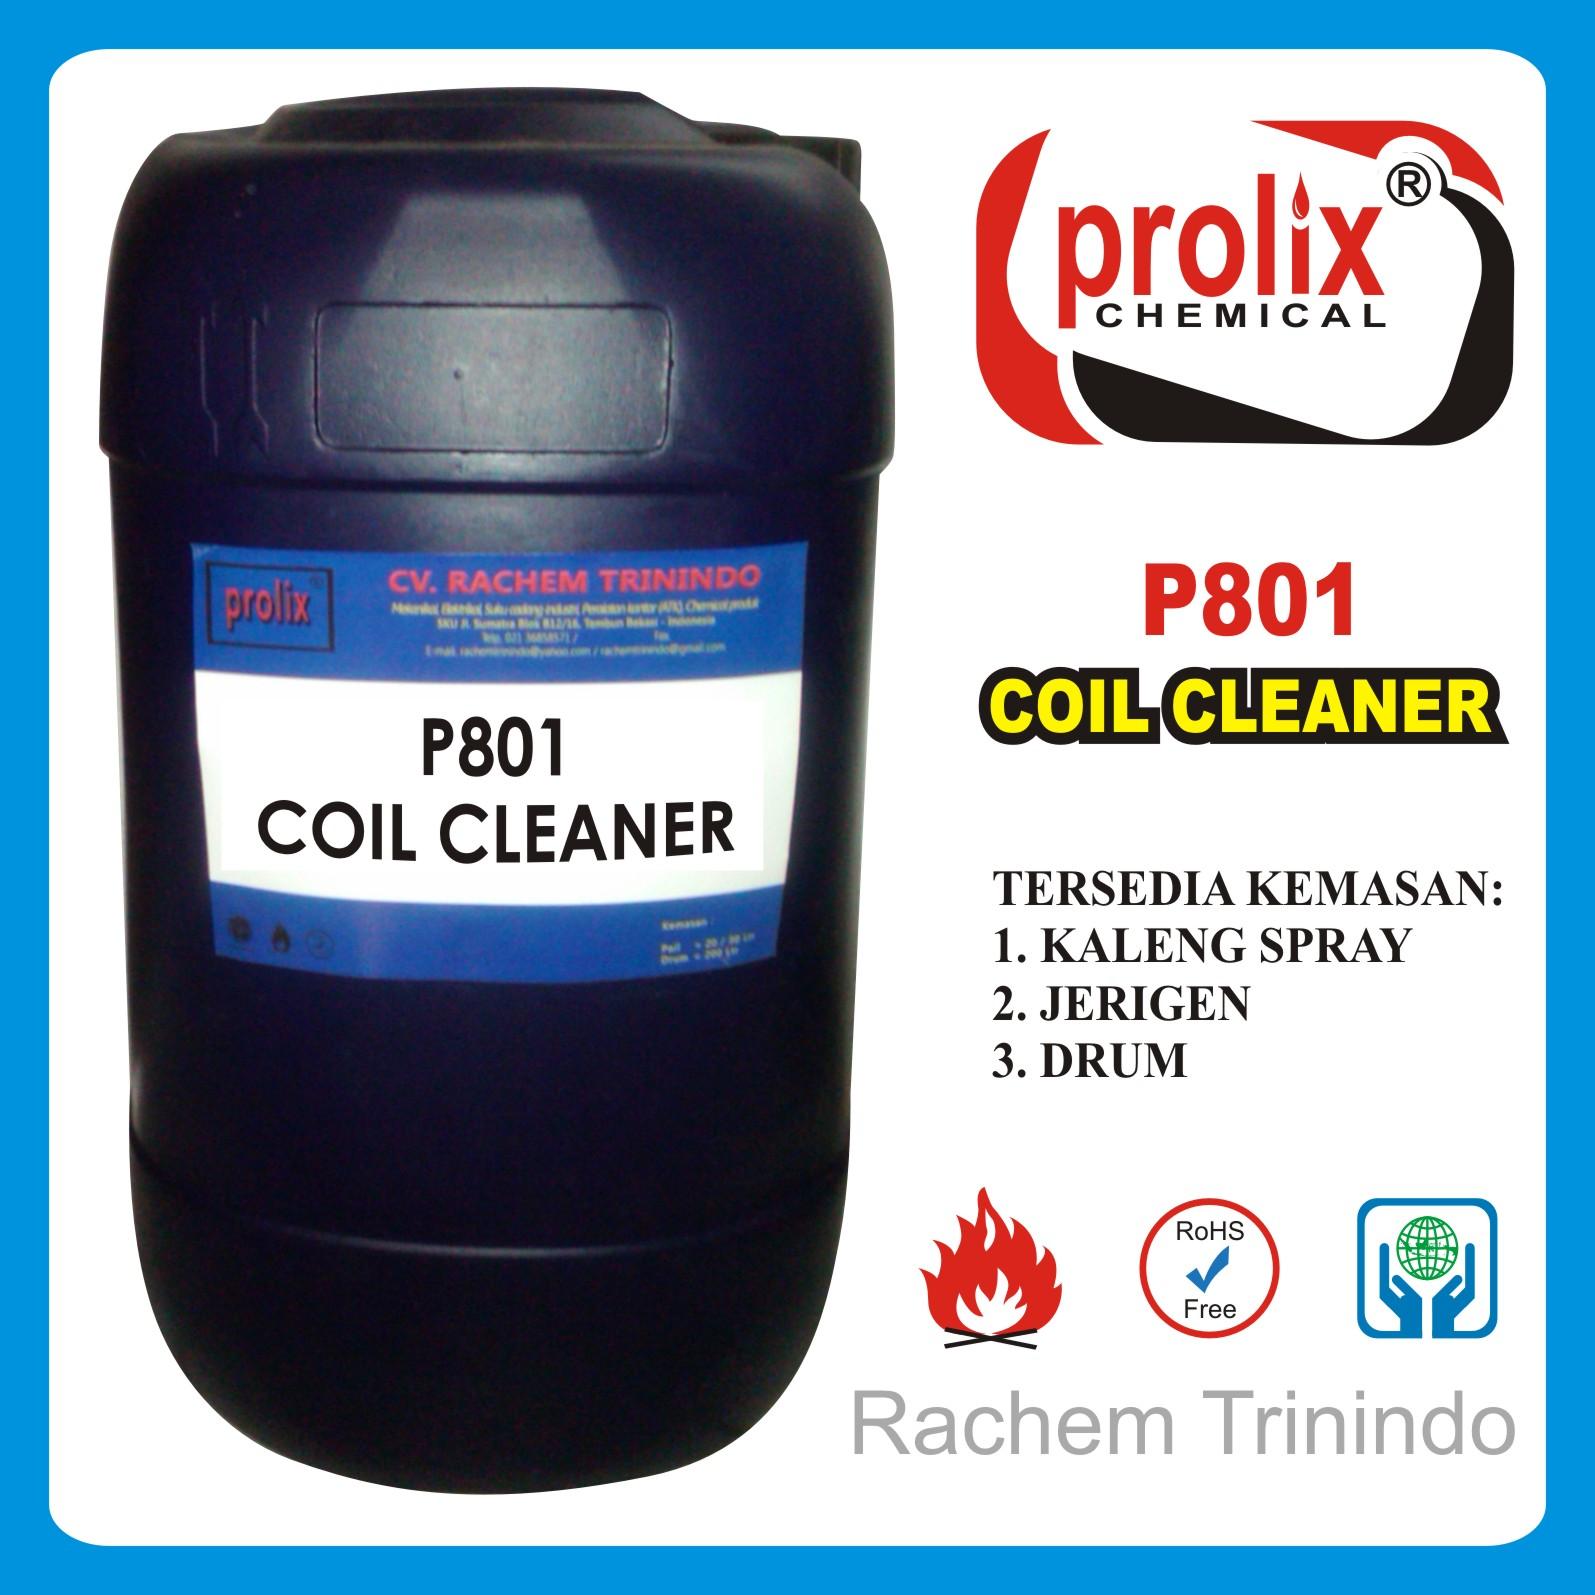 Jual Coil Cleaner Pembersih Sirip Mesin Chiller Ac Almunium.